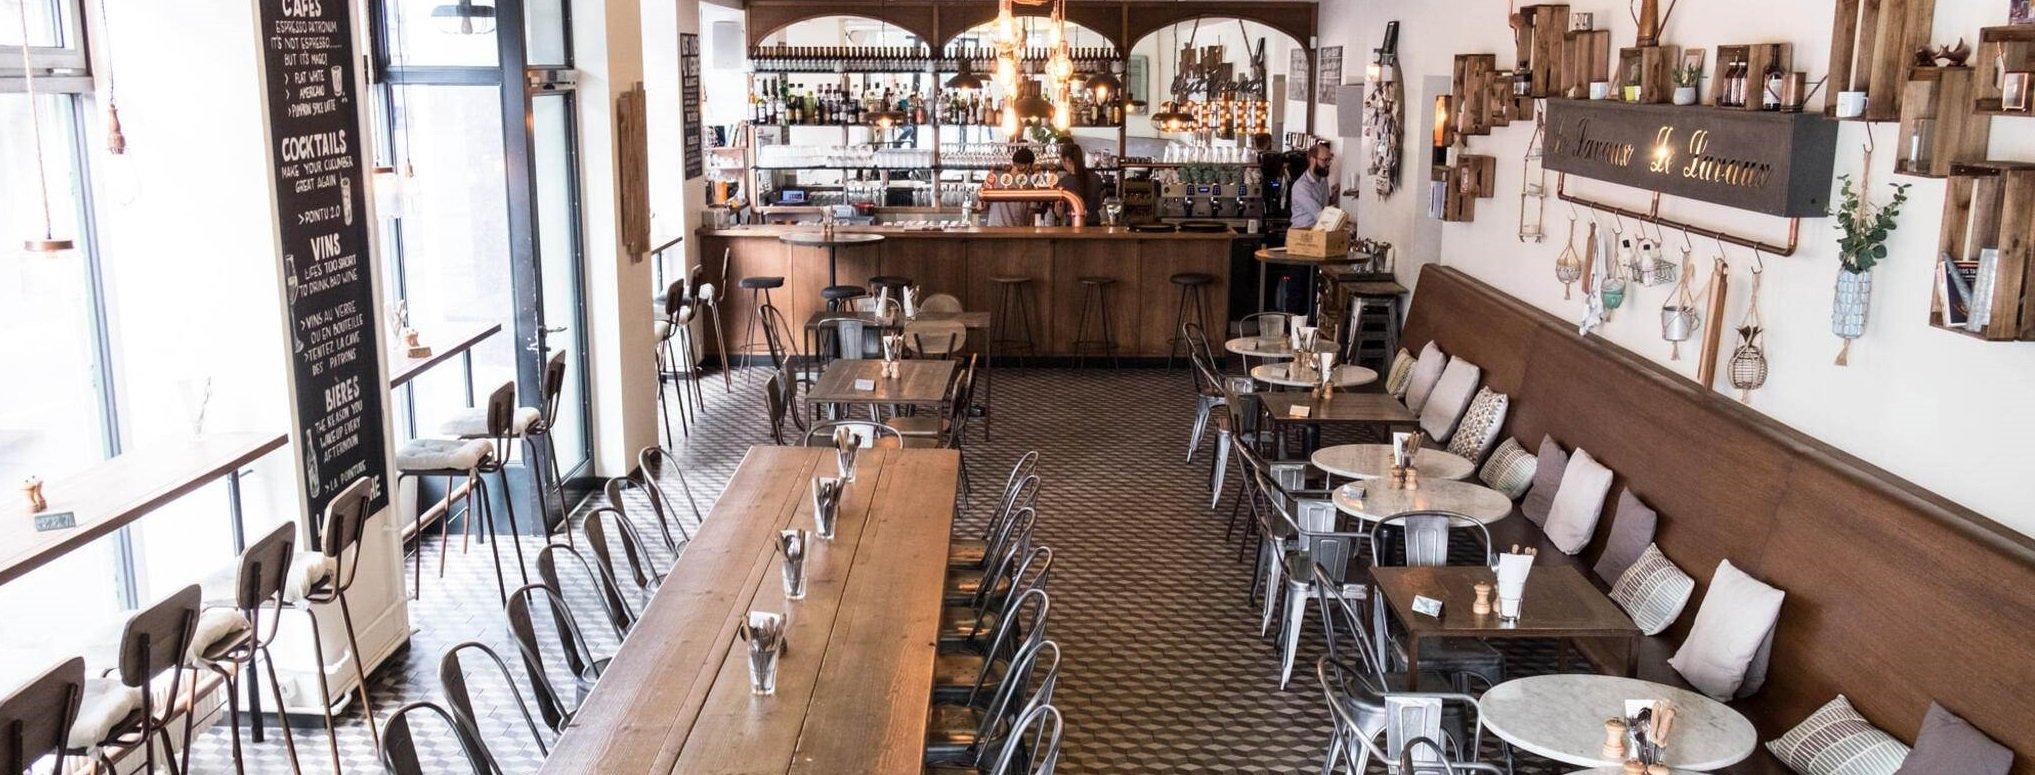 tables inside the restaurant